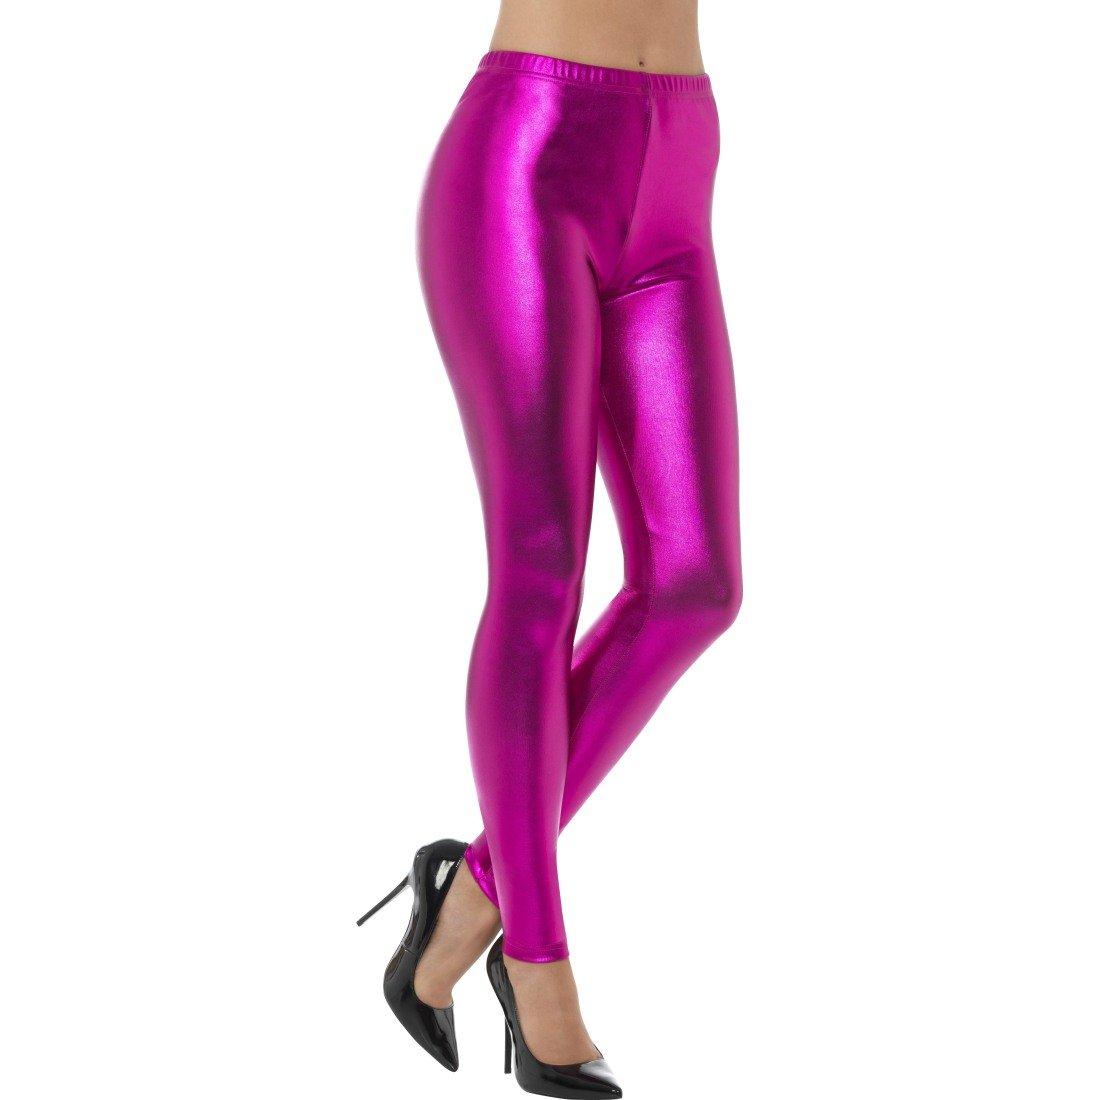 Leggings ann/ées 90 | Collant m/étallique NET TOYS Pantalon disco rose FR 36//38 Collant ann/ées 80 S